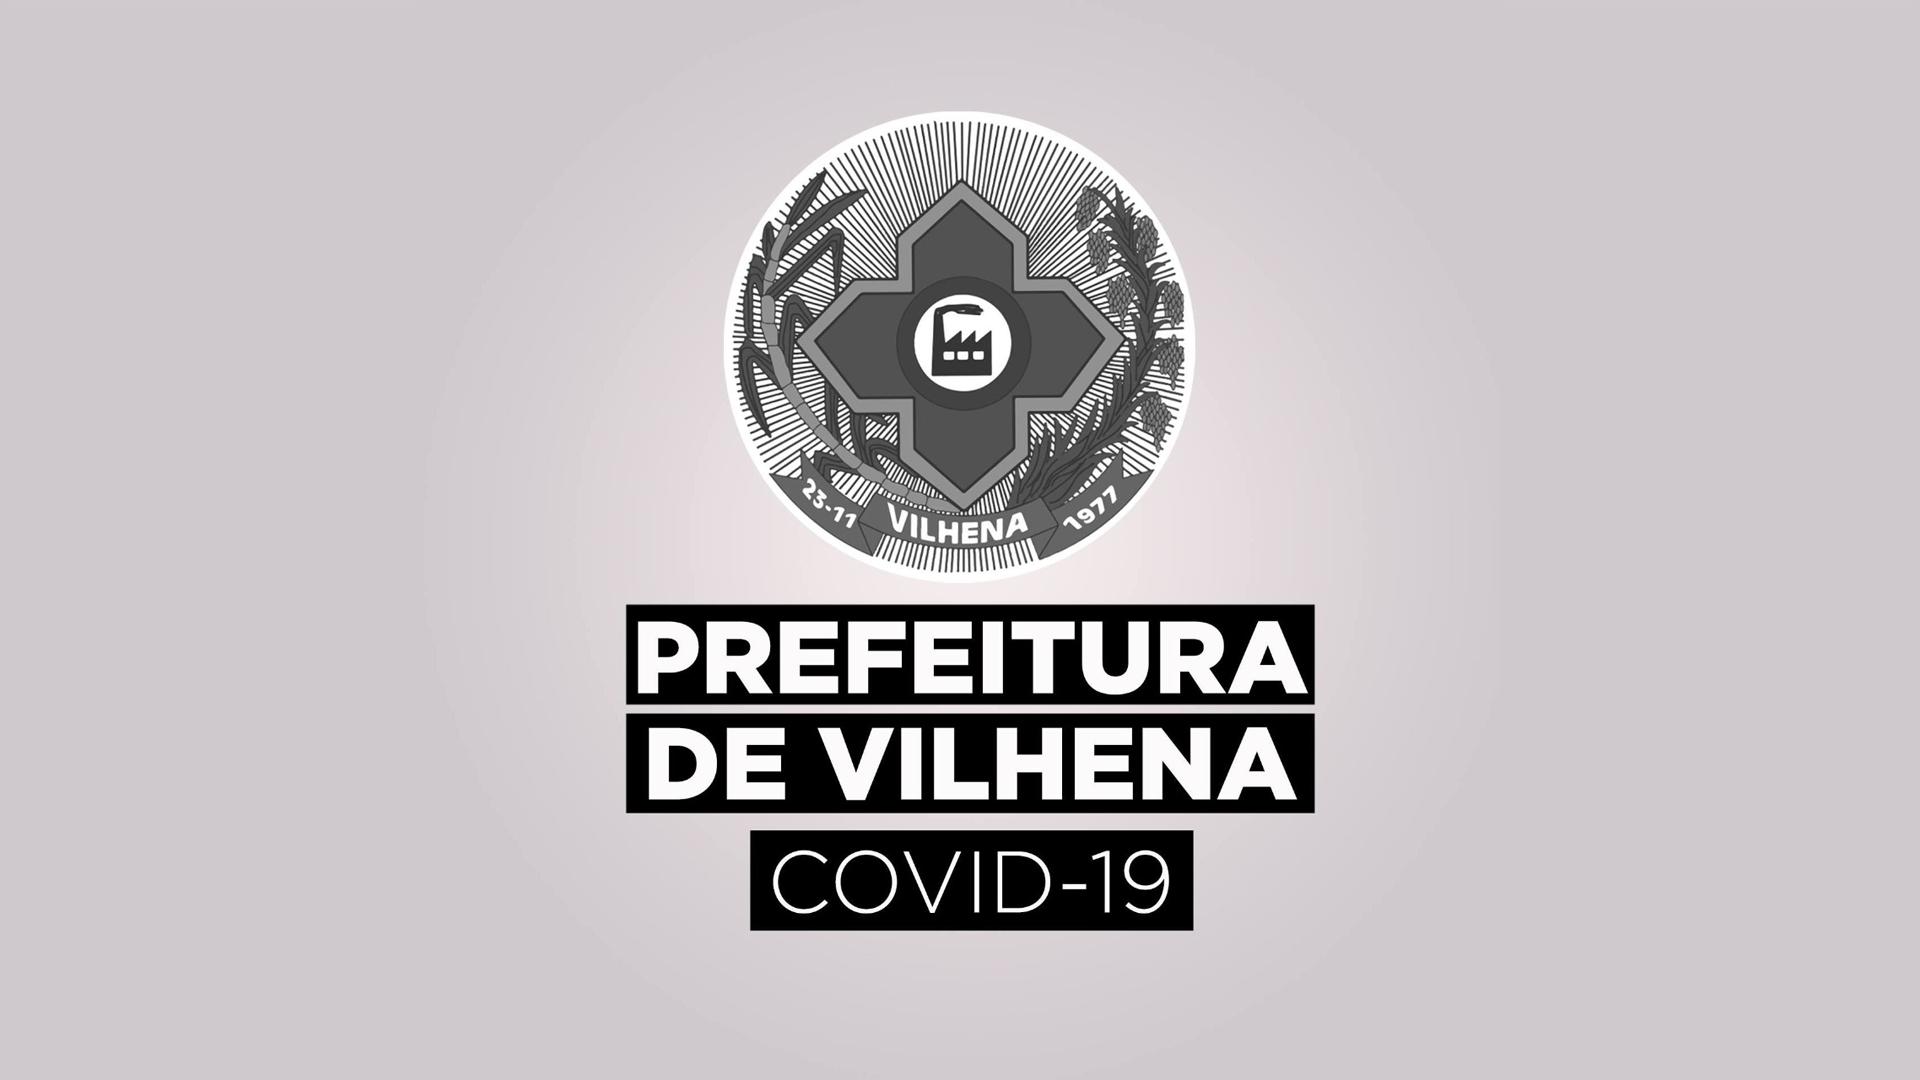 BOLETIM PMV Nº 572 - 08/10/21 CORONAVÍRUS (COVID-19)